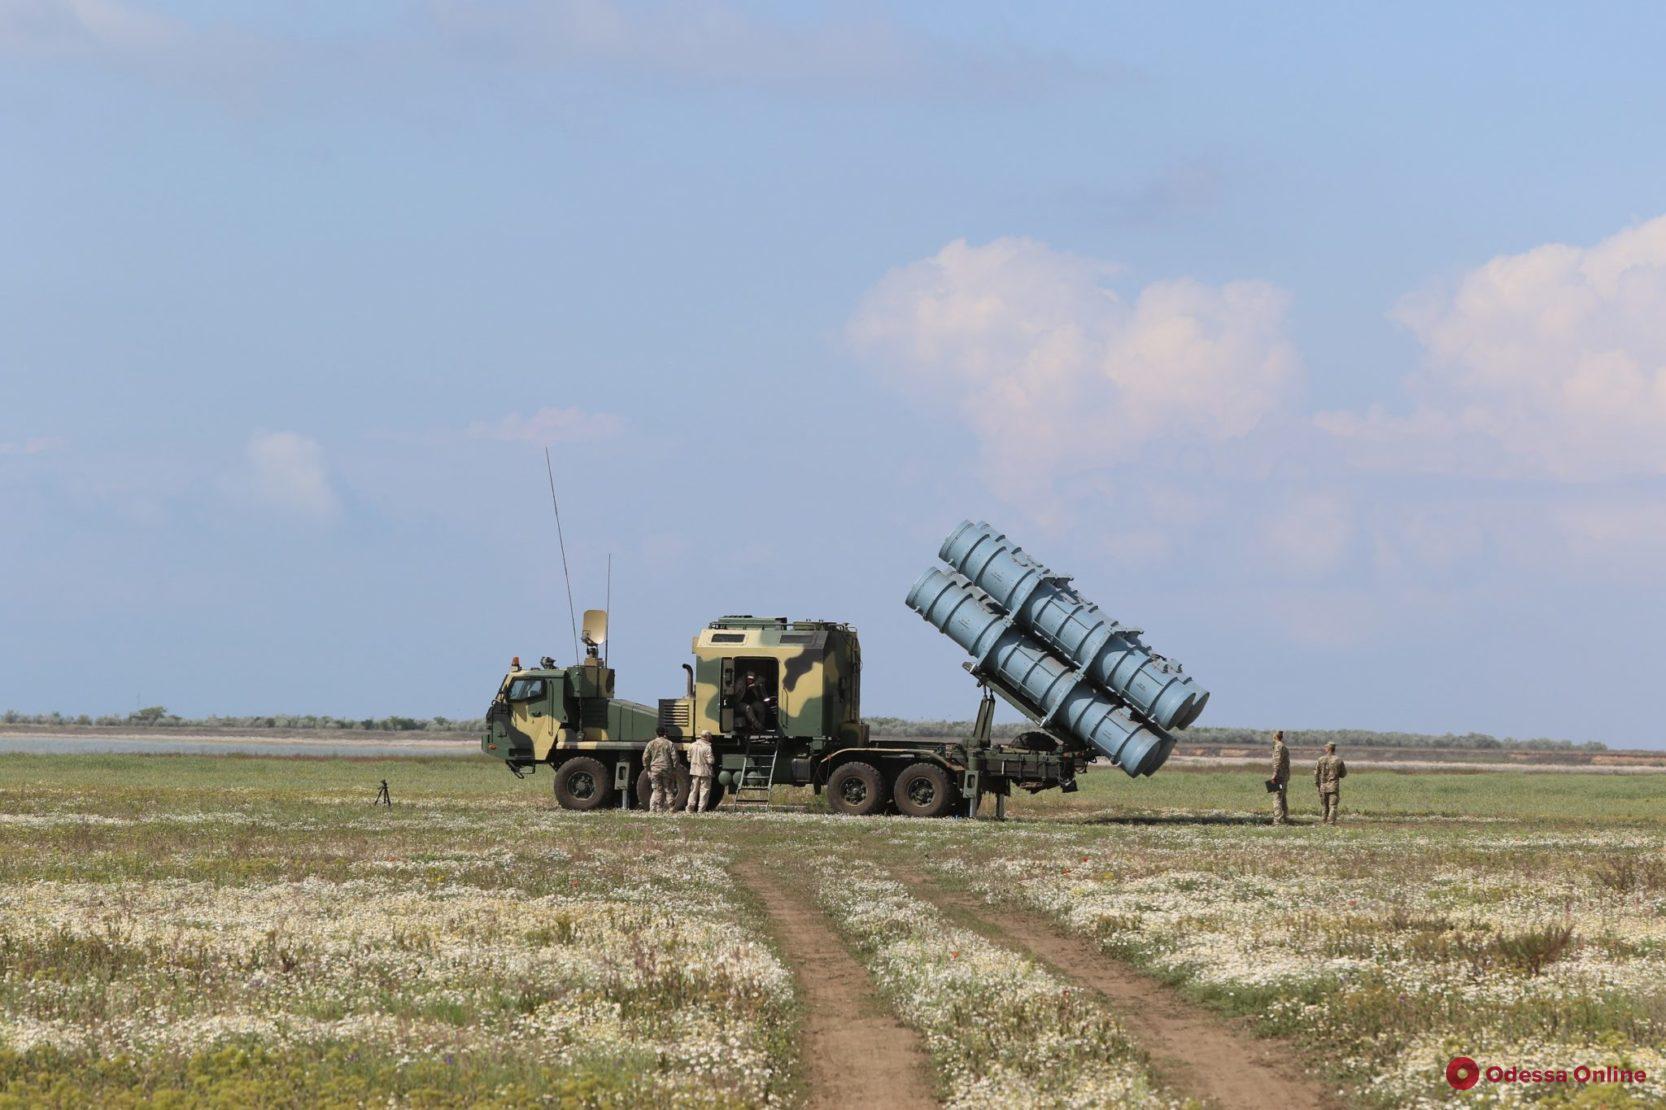 В Одесской области проходят испытания ракетного комплекса (фото, видео)